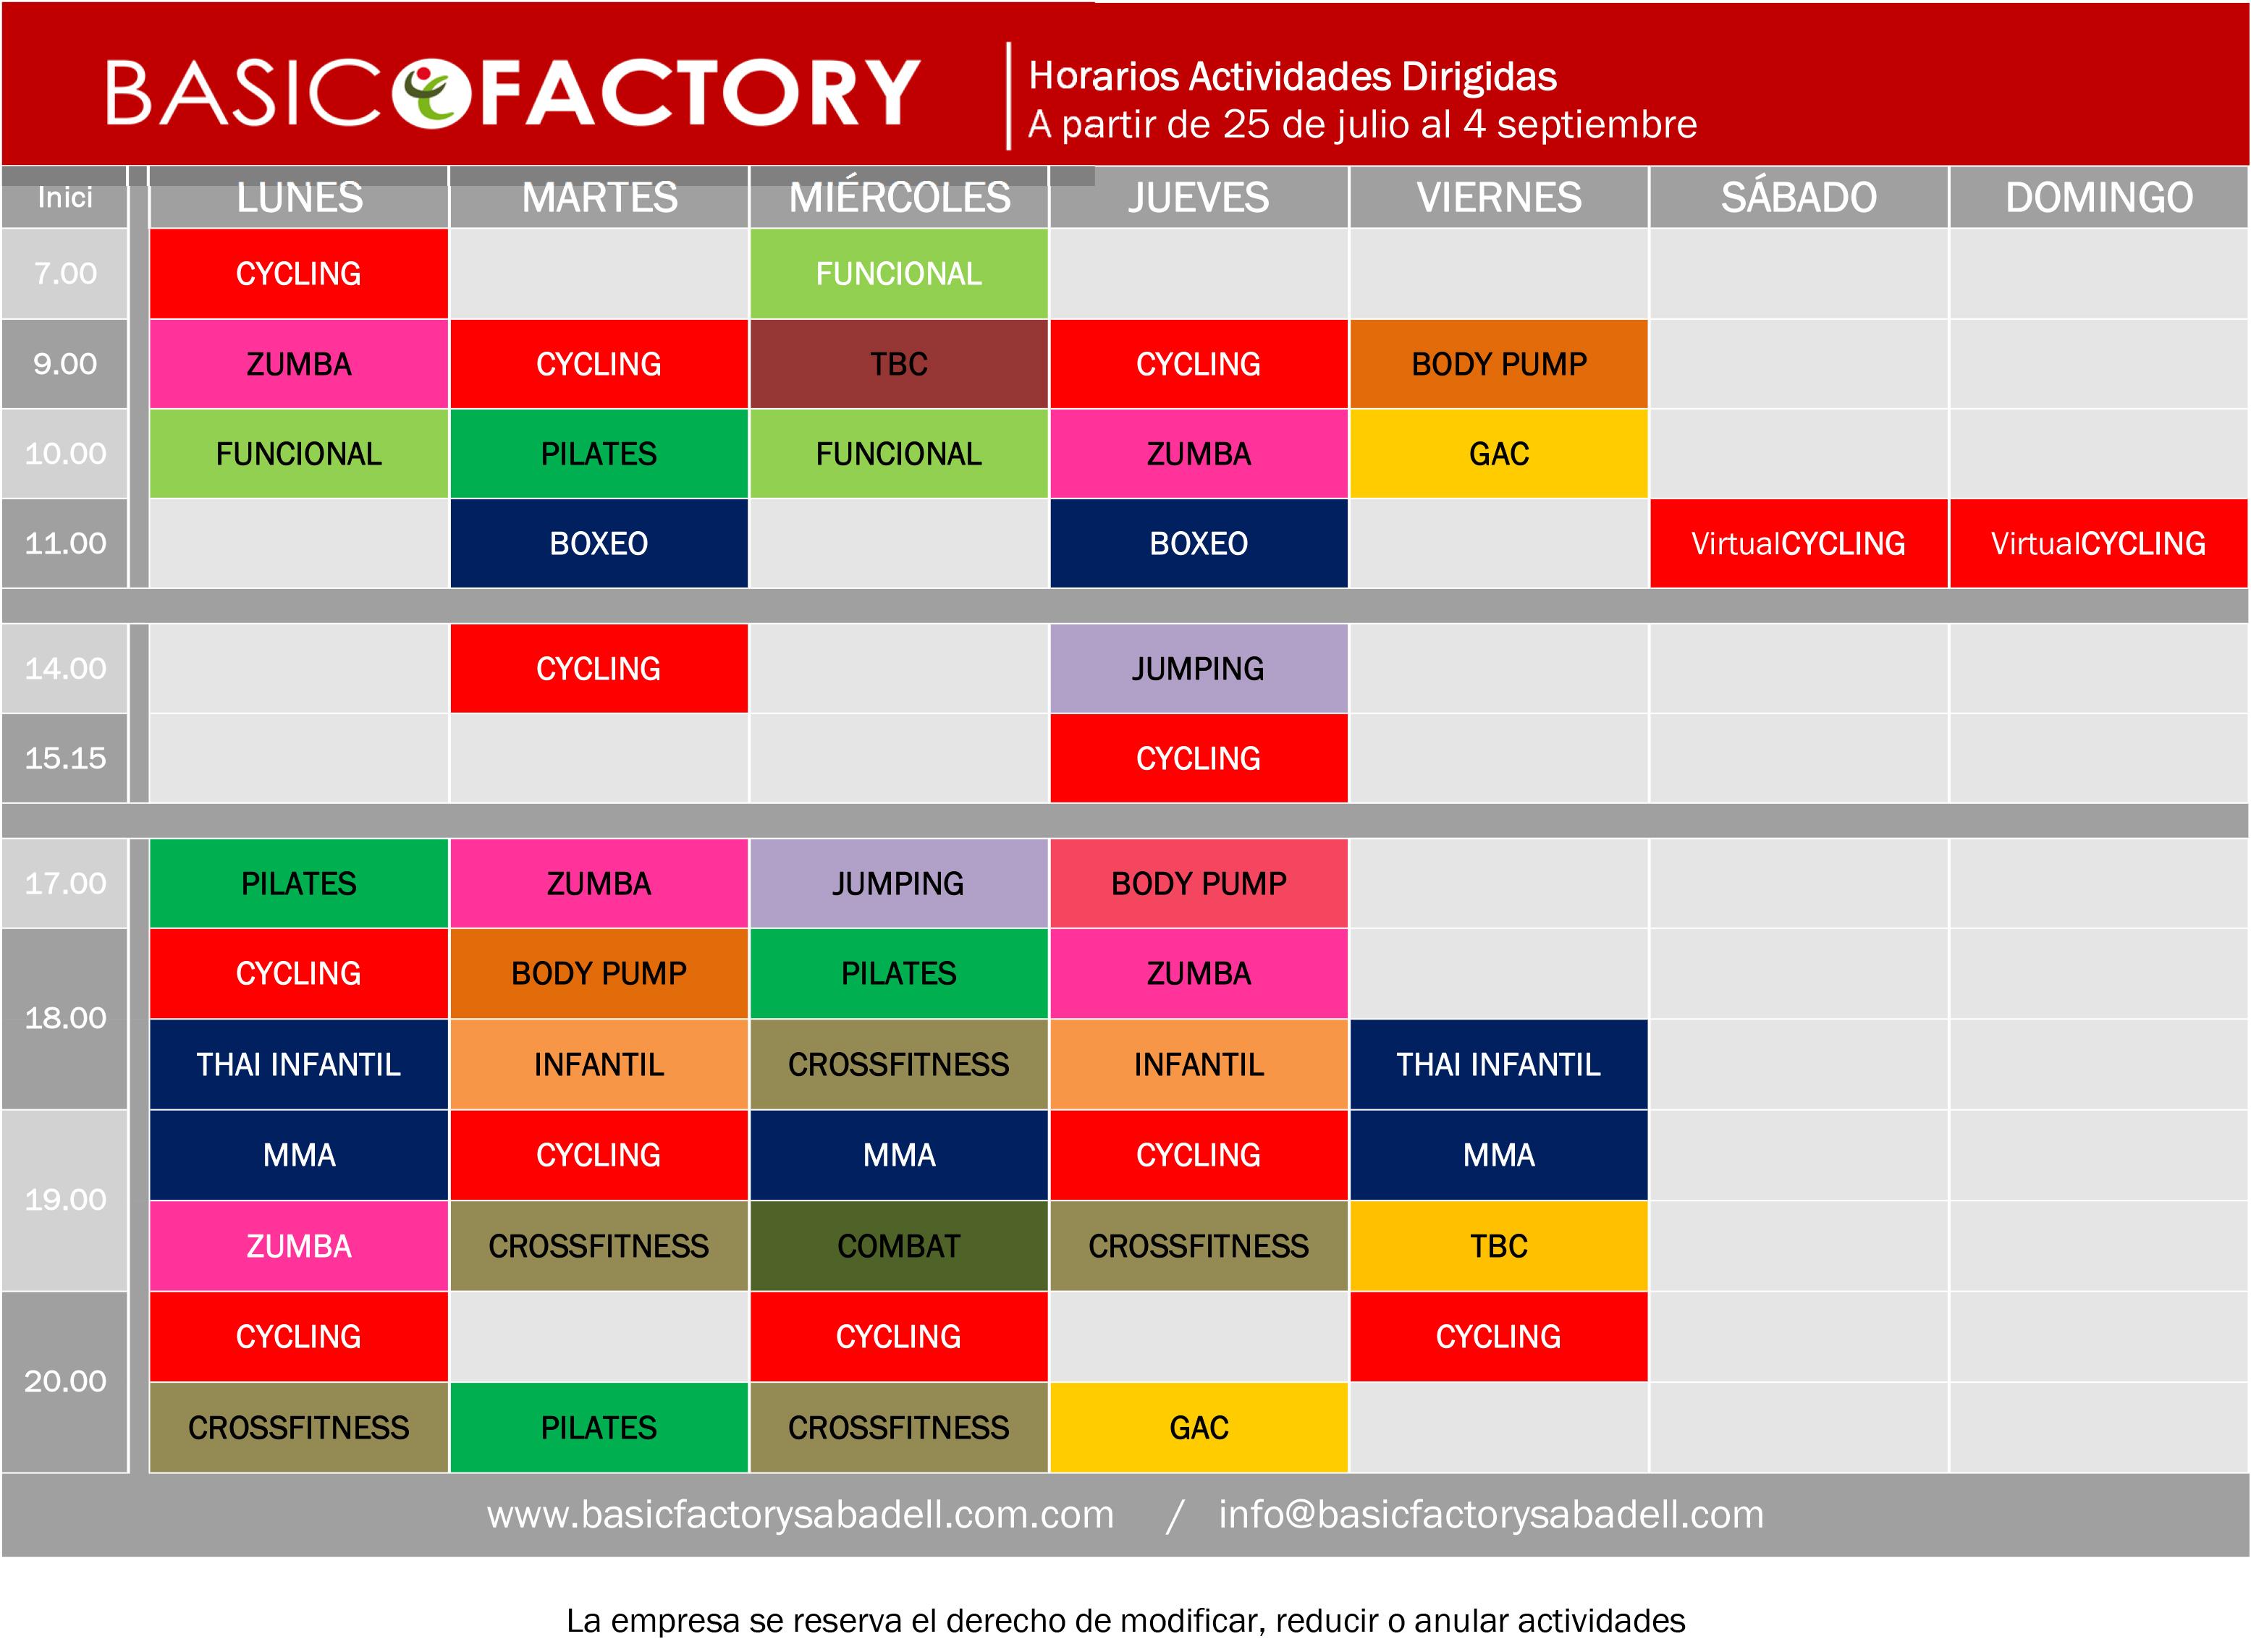 Basic factory sabadell a dirigidas verano 16 for Horario bricomart sabadell